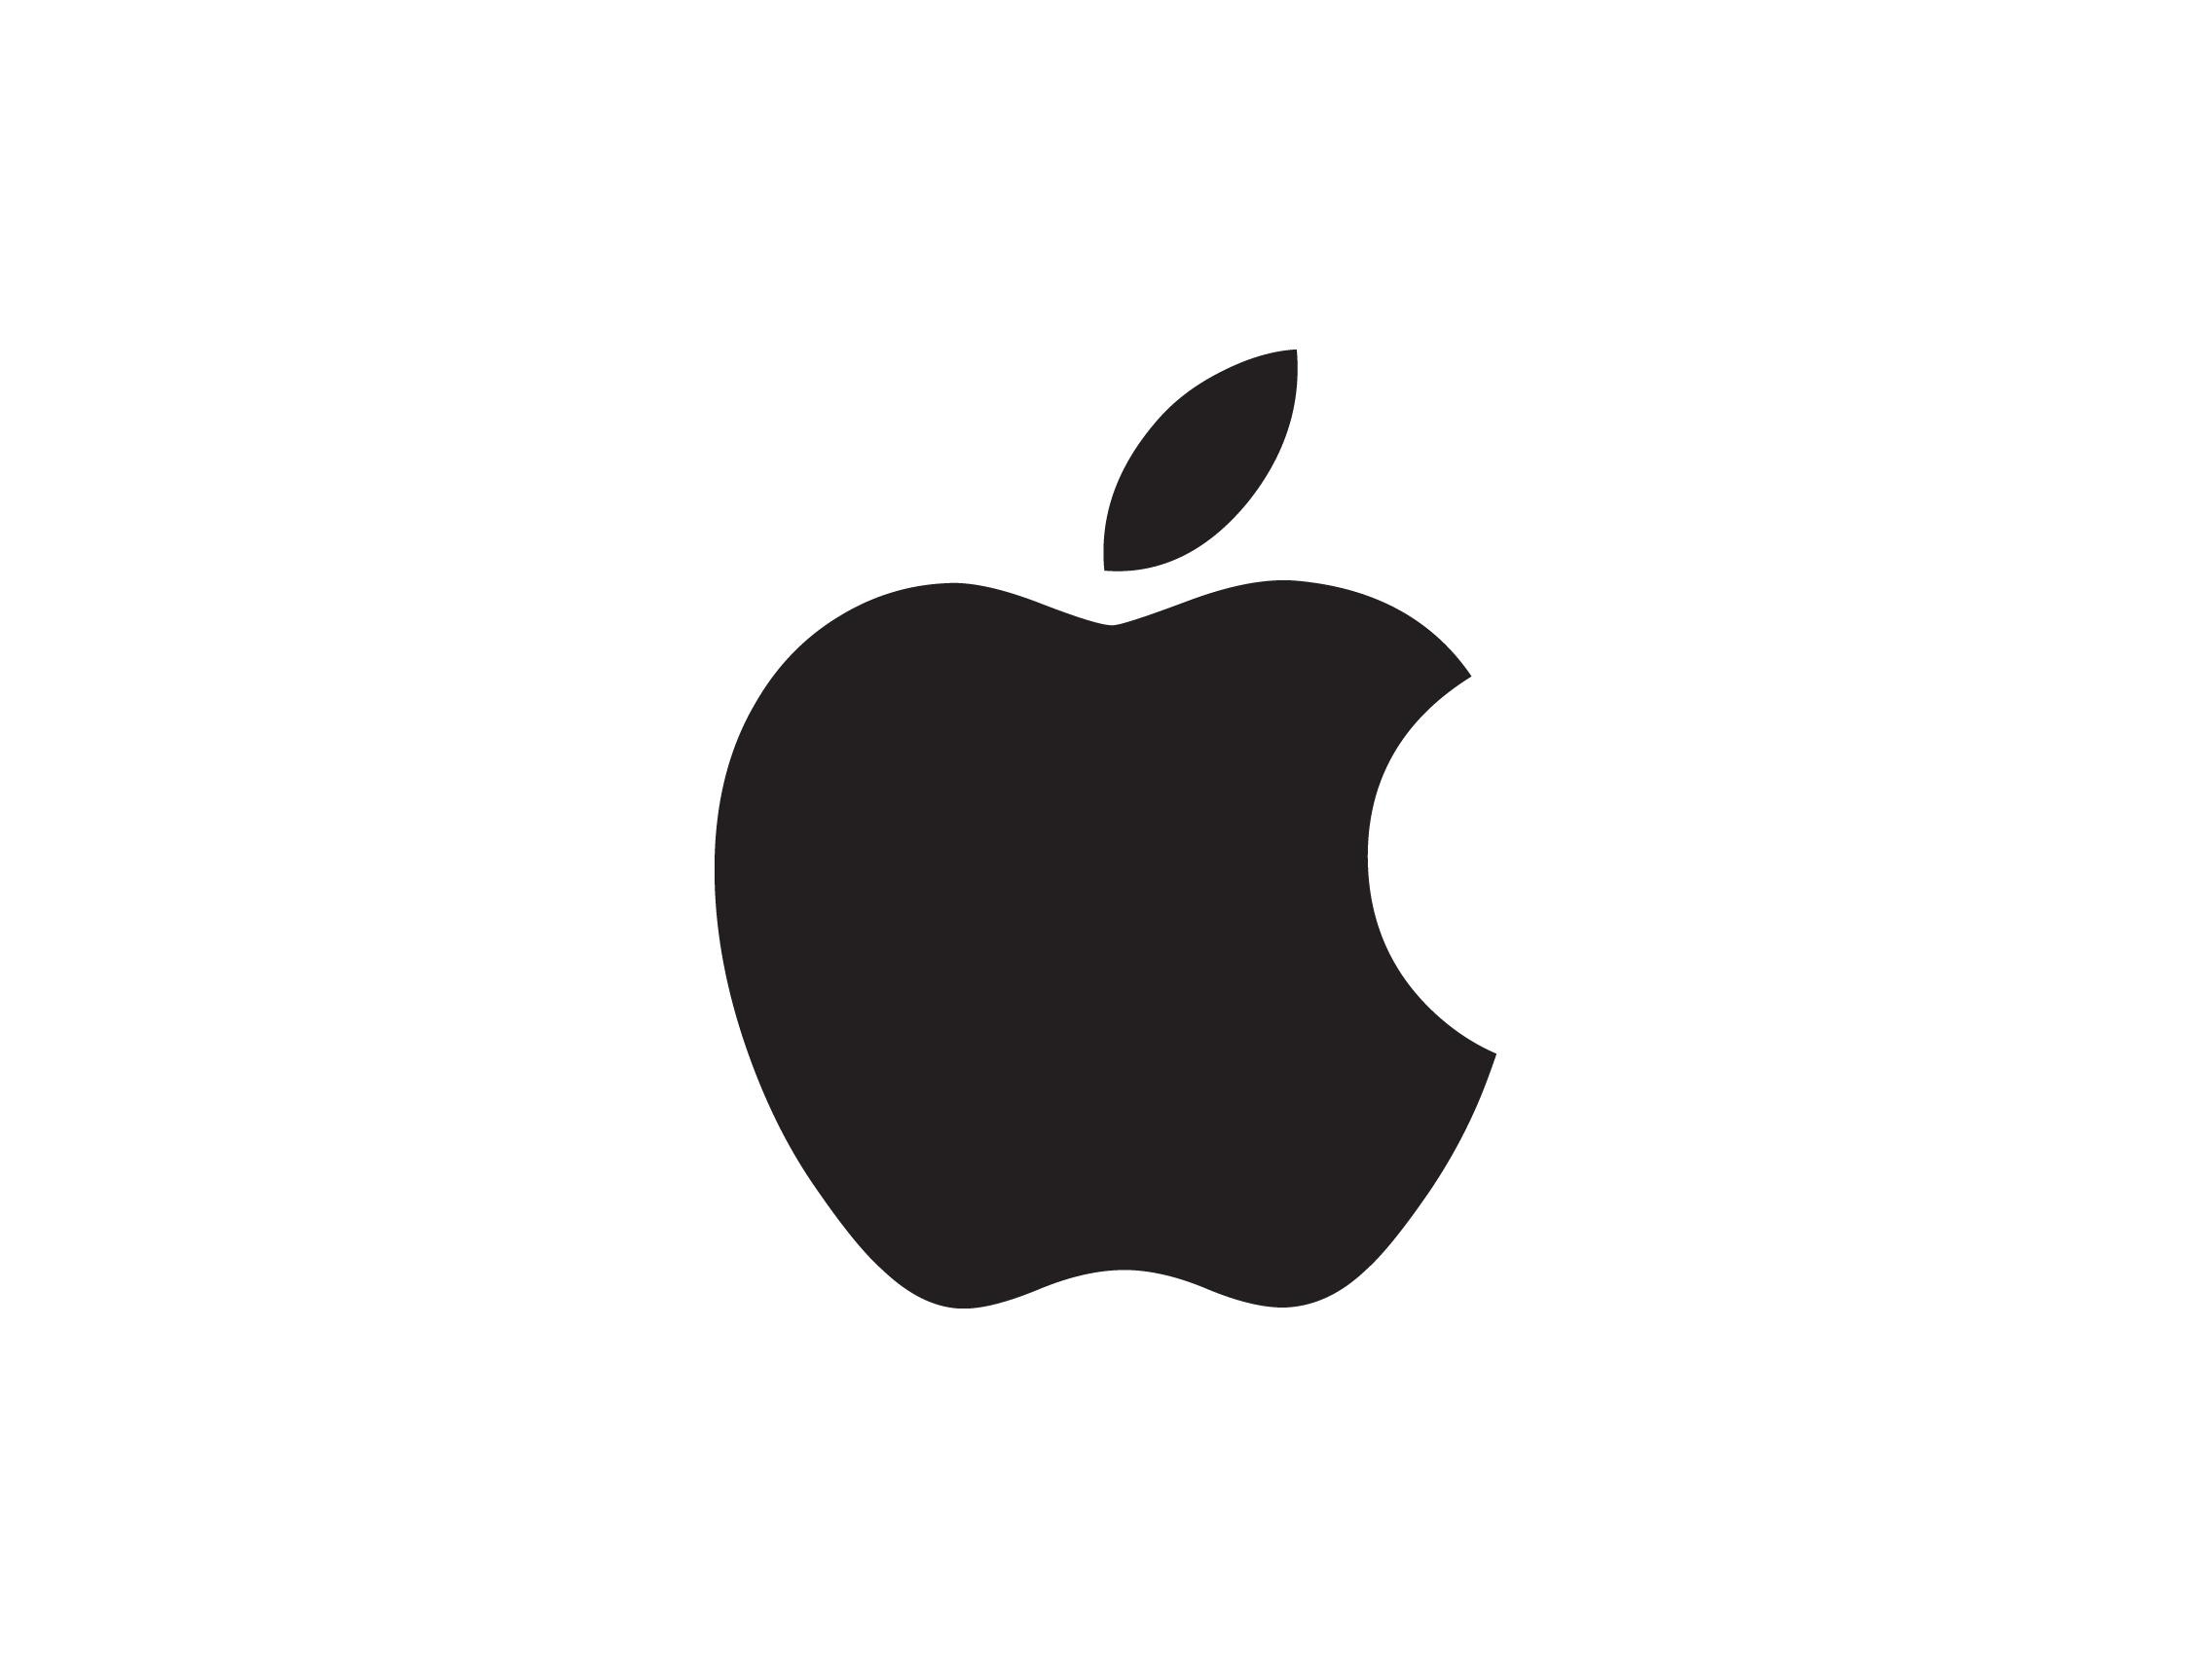 clipart Vector apples logo. Http www clohound com